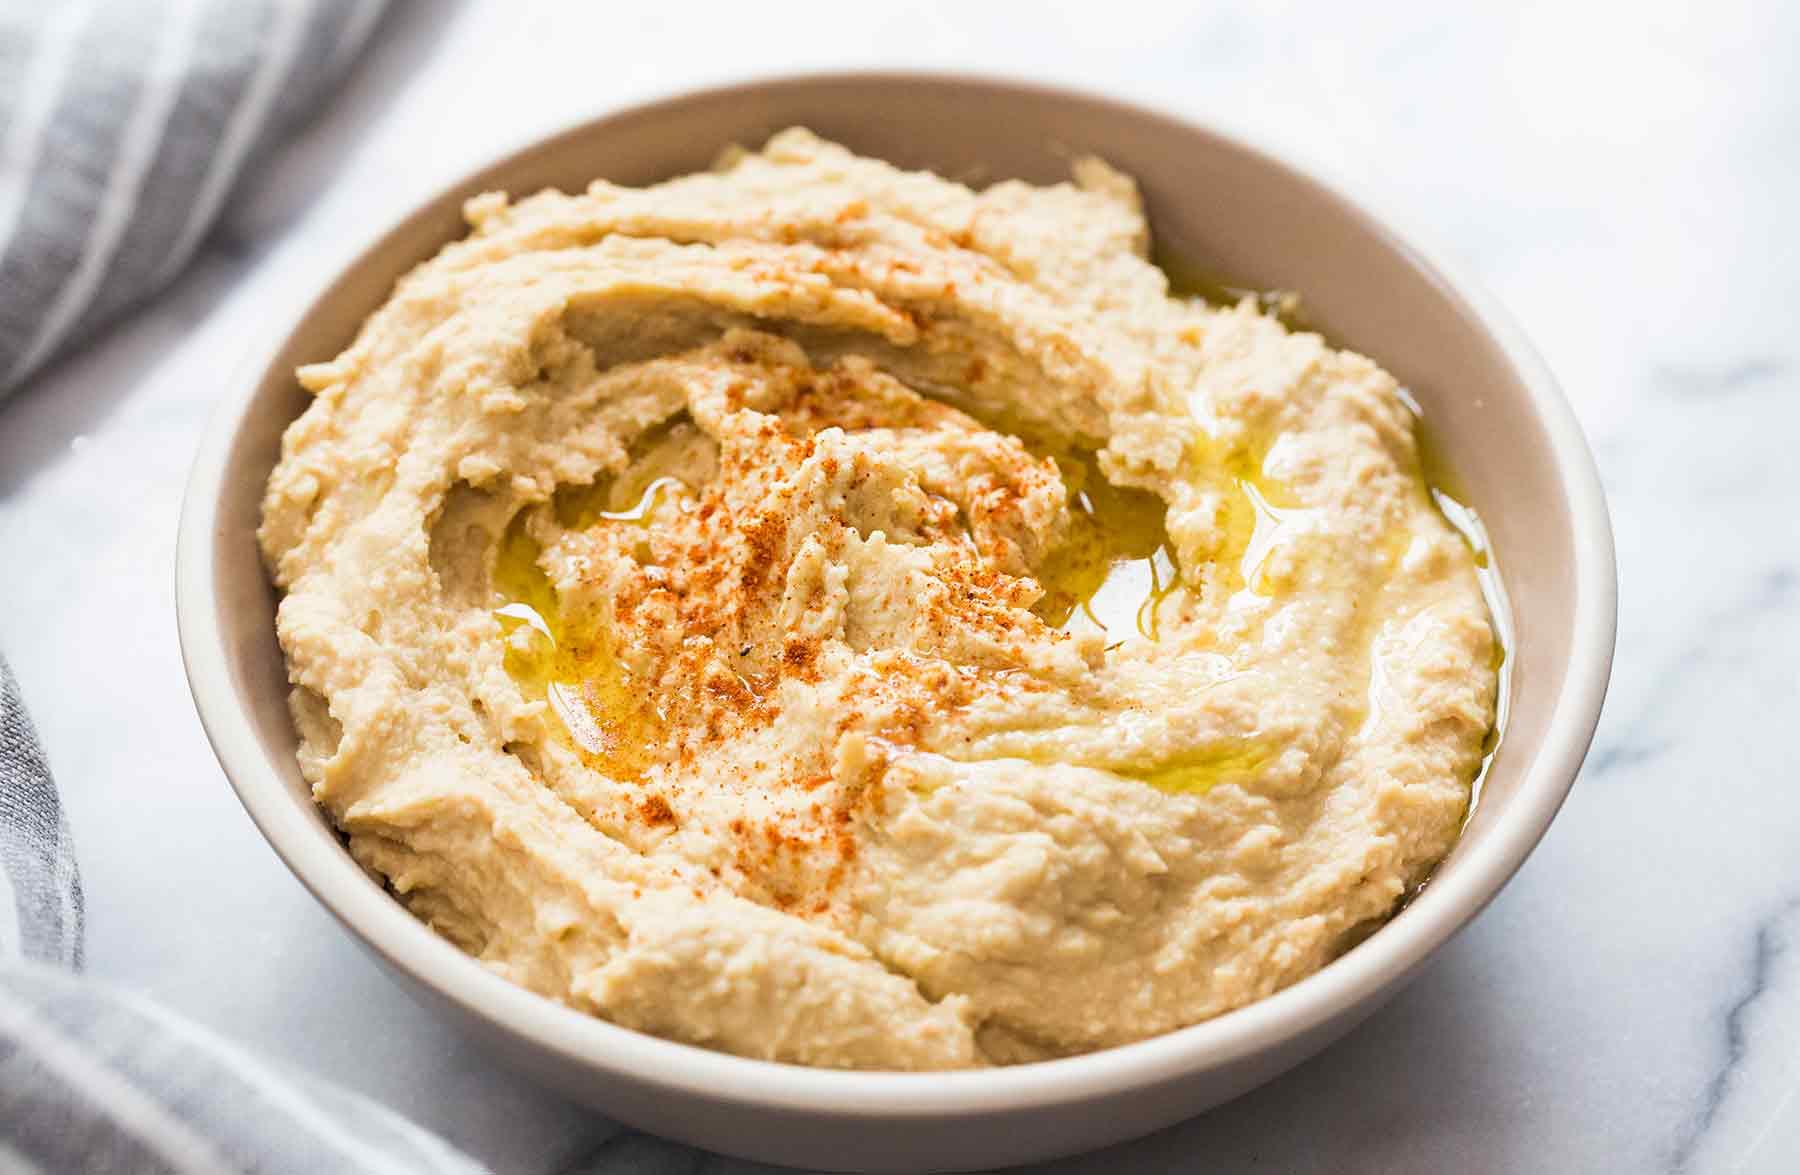 Best homemade hummus